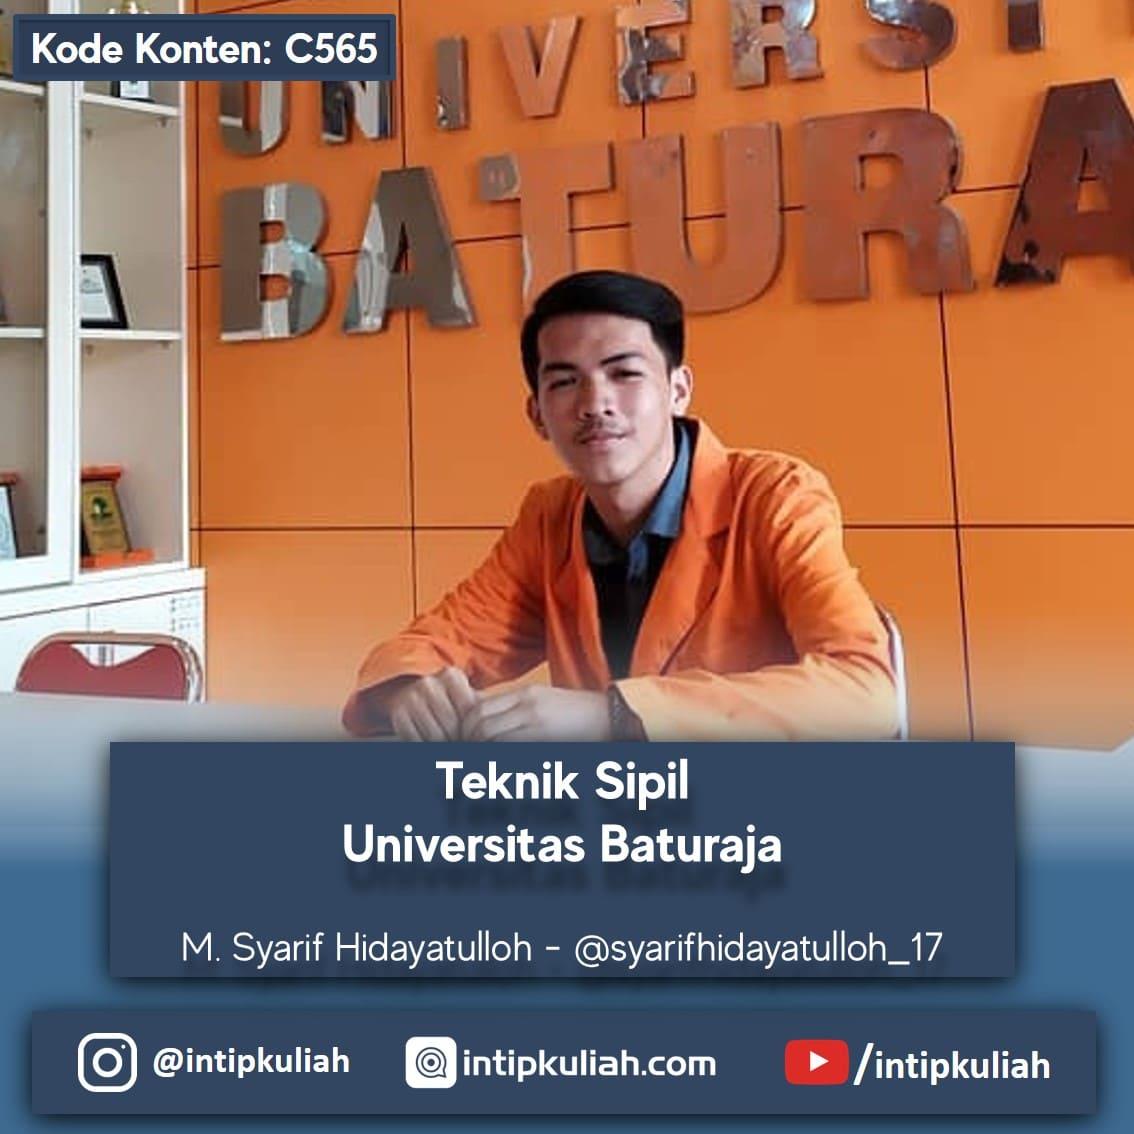 Teknik Sipil Universitas Baturaja (Syarif)